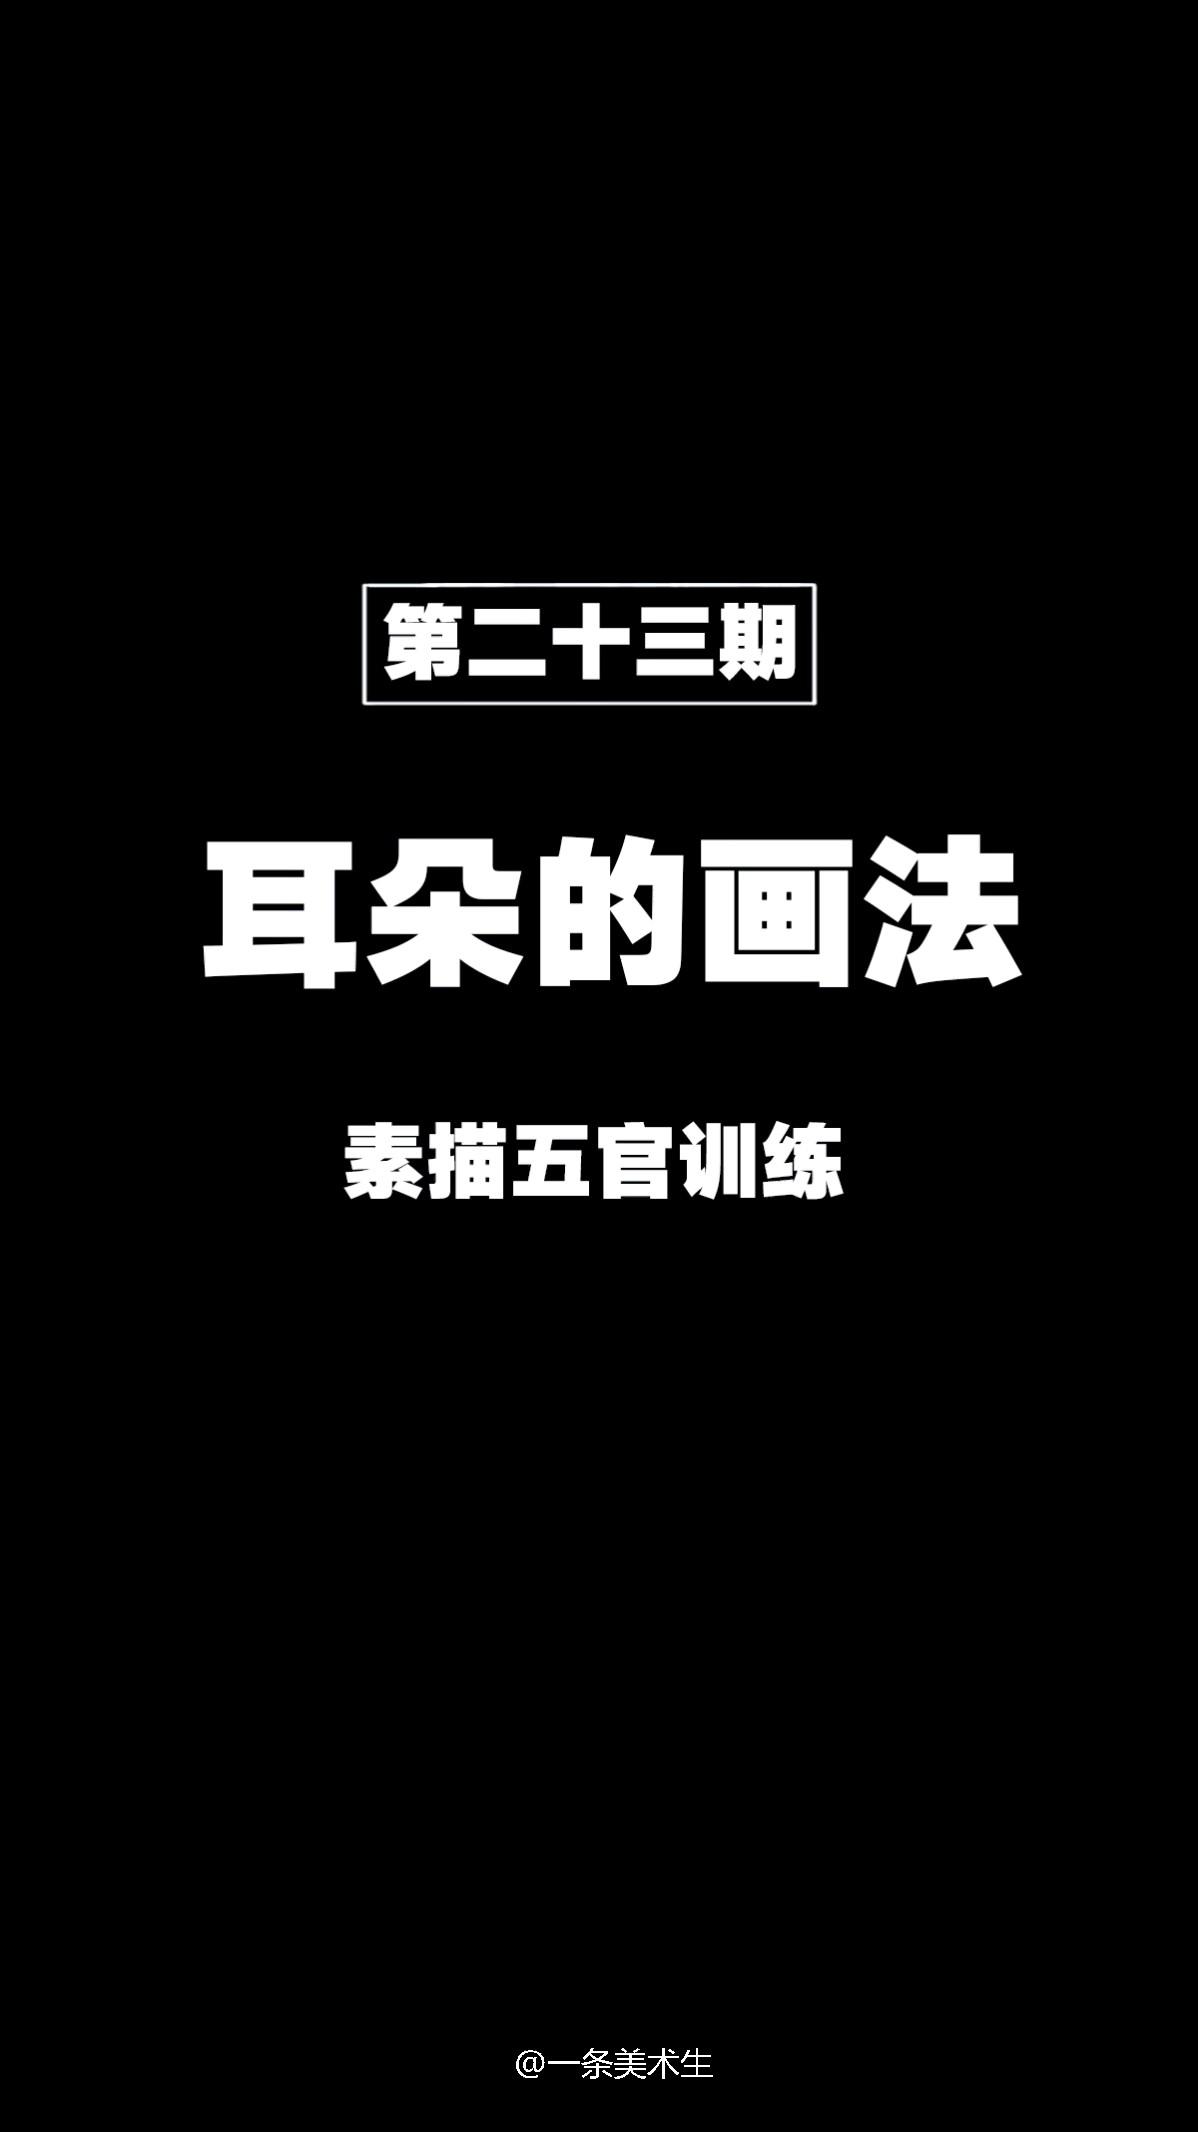 杭州将军画室|素描五官之耳朵画法(二)